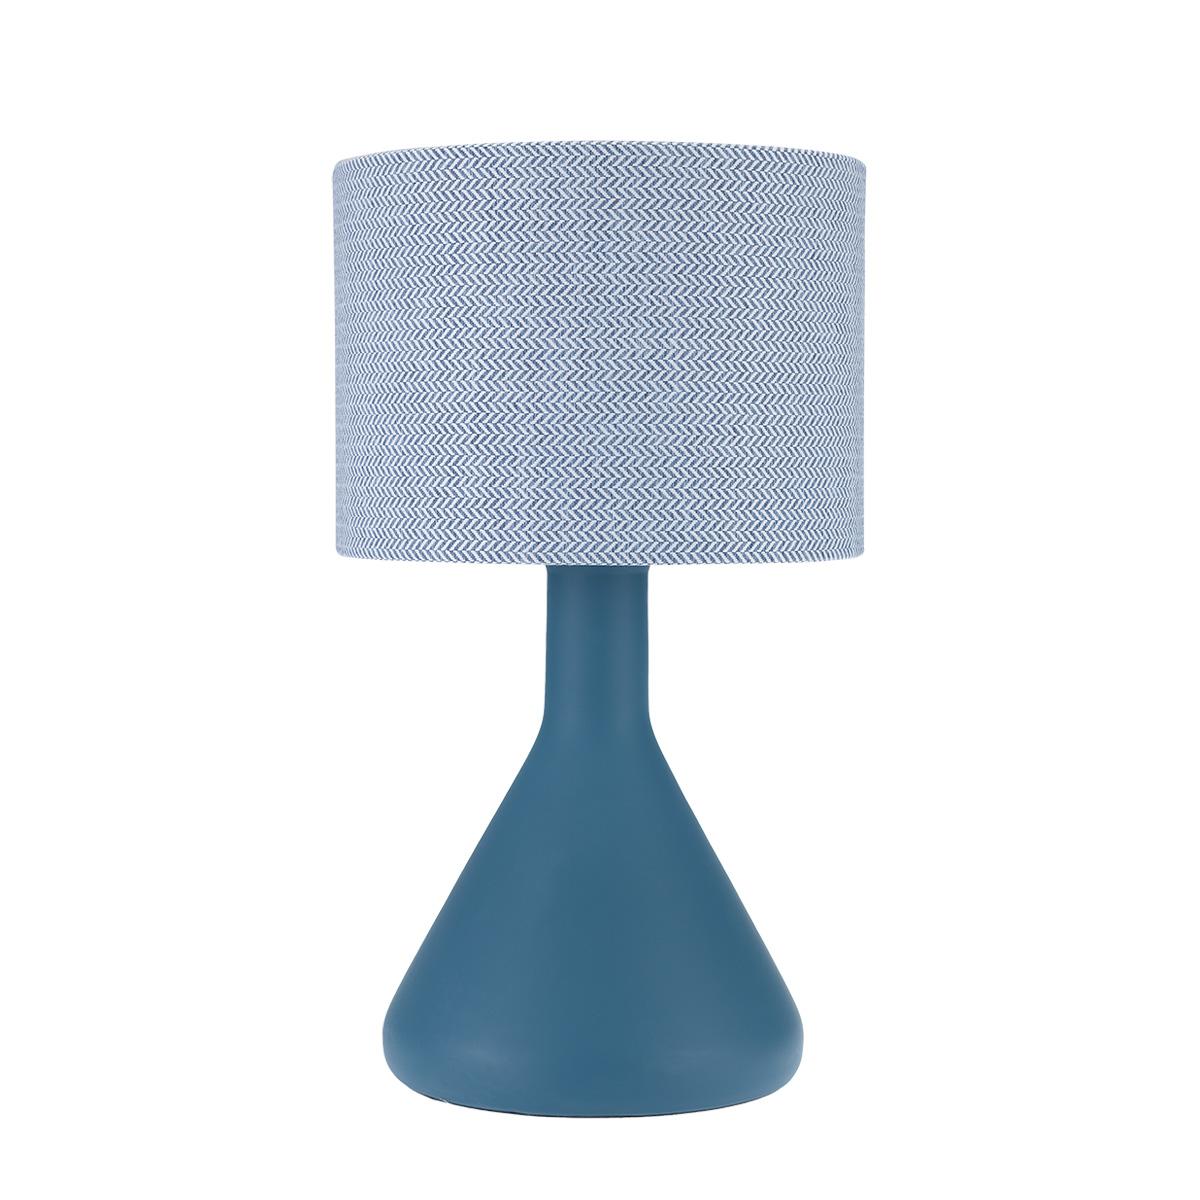 Μπλε επιτραπέζιο φωτιστικό LAB blue table lamp